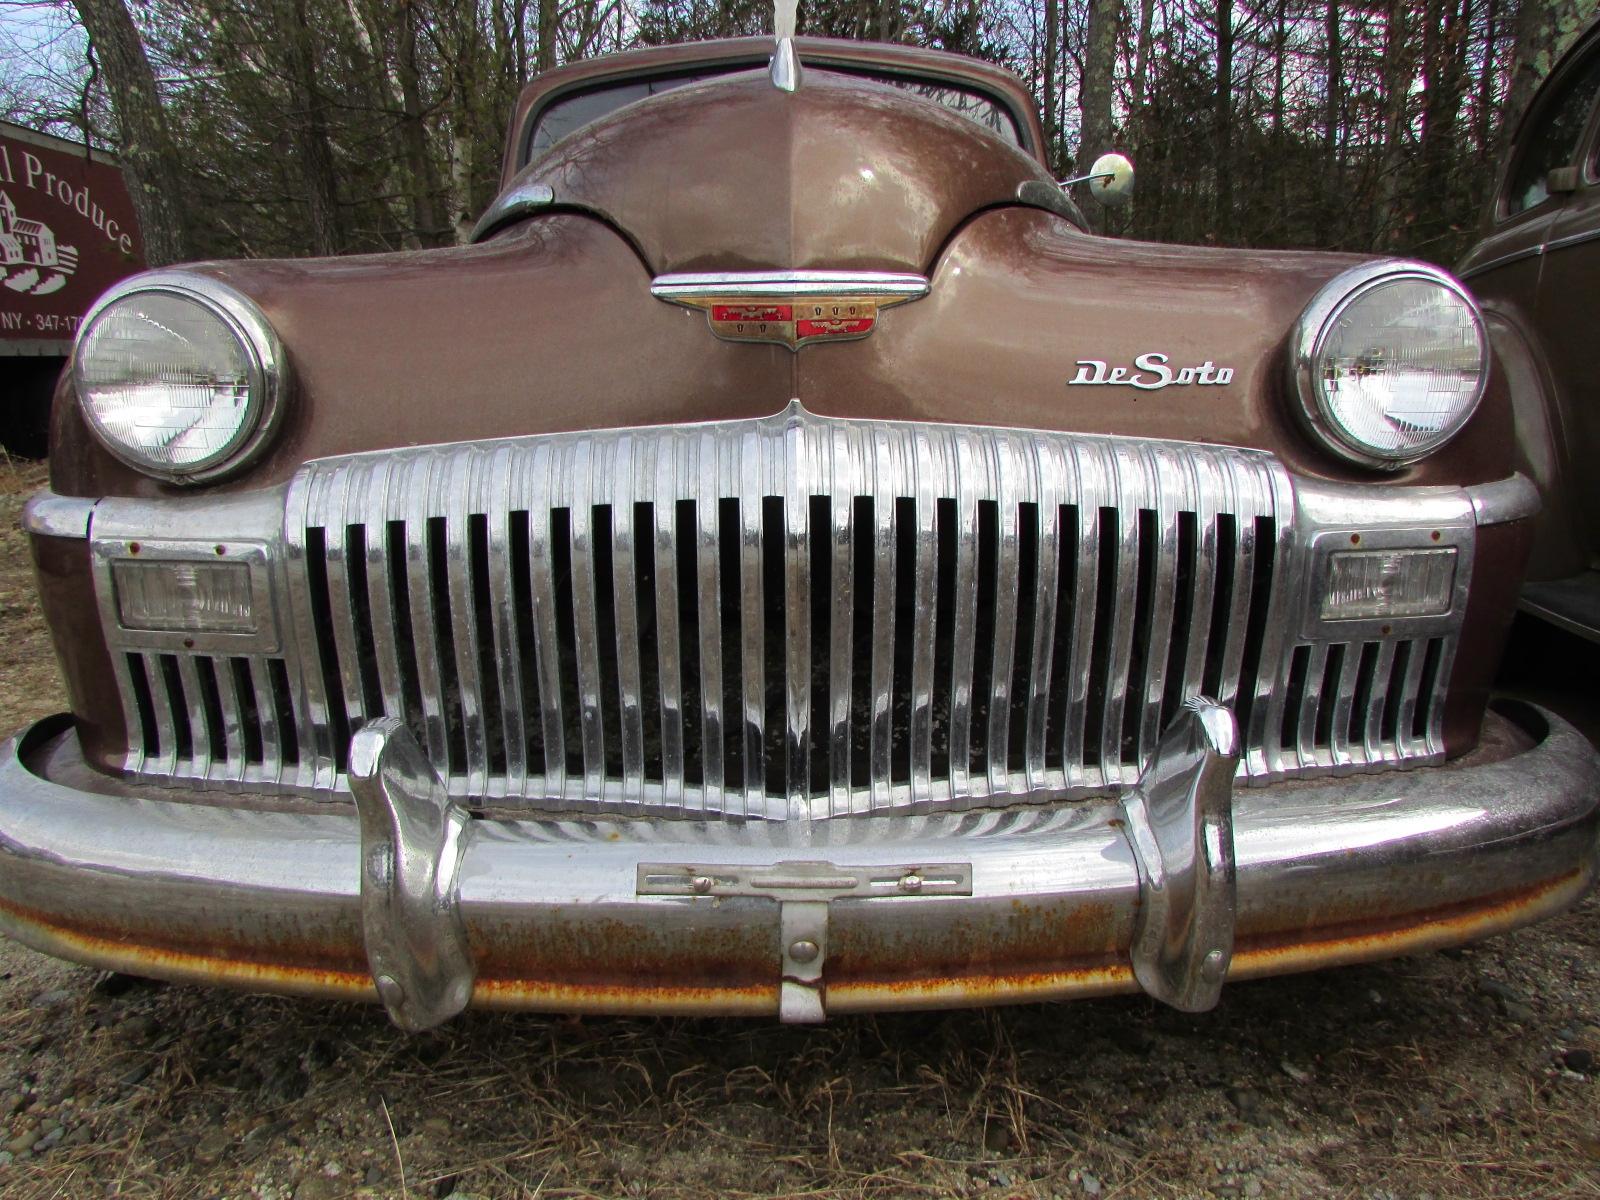 classic cars restoration projec - deadmandeadman | ello